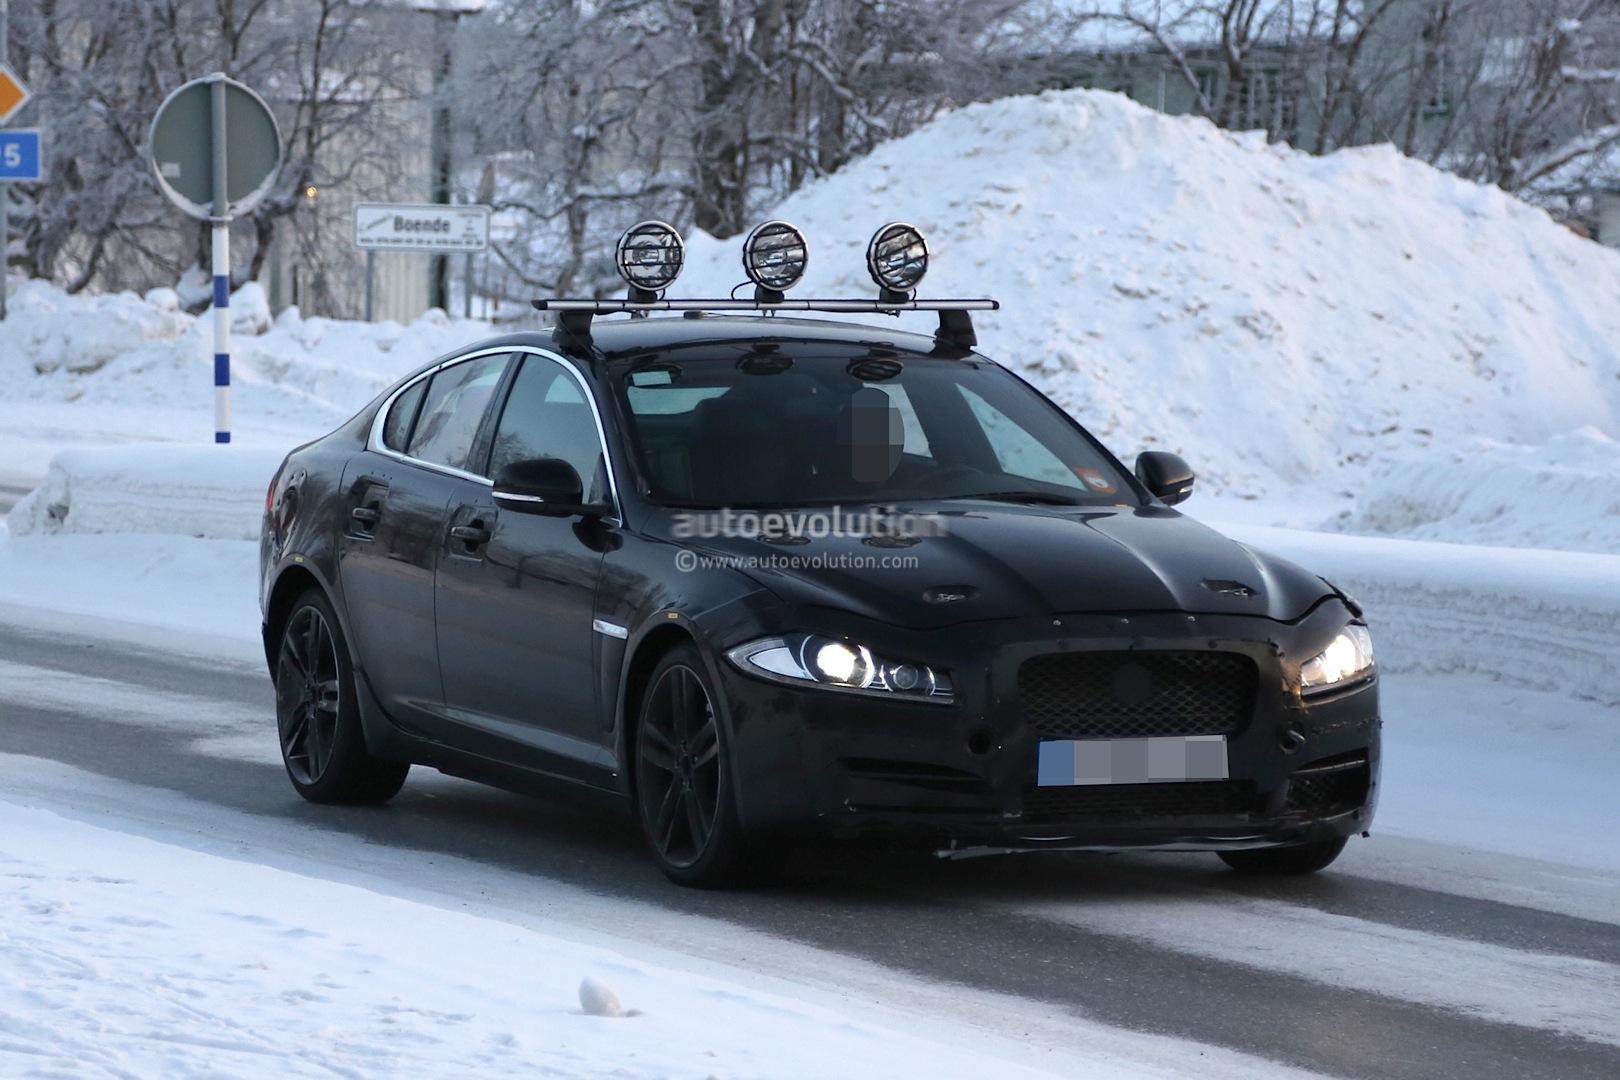 Spyshots Jaguar Xs Test Mule Winter Testing In Sweden